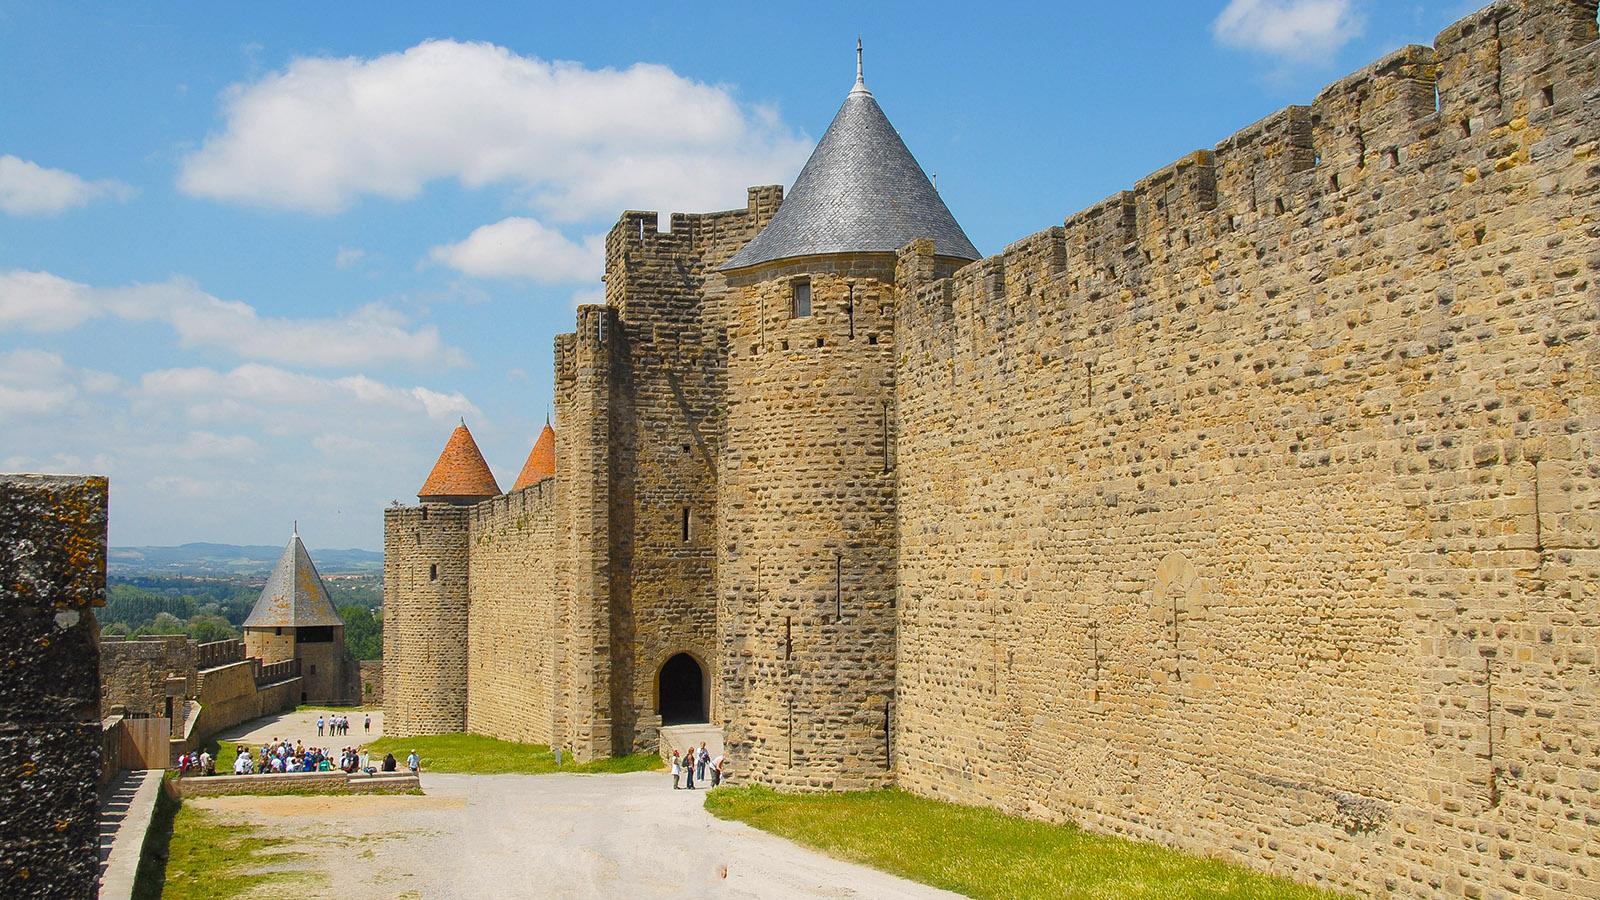 Der äußere Mauerring der Cité von Carcassonne. Foto: Hilke Maunder